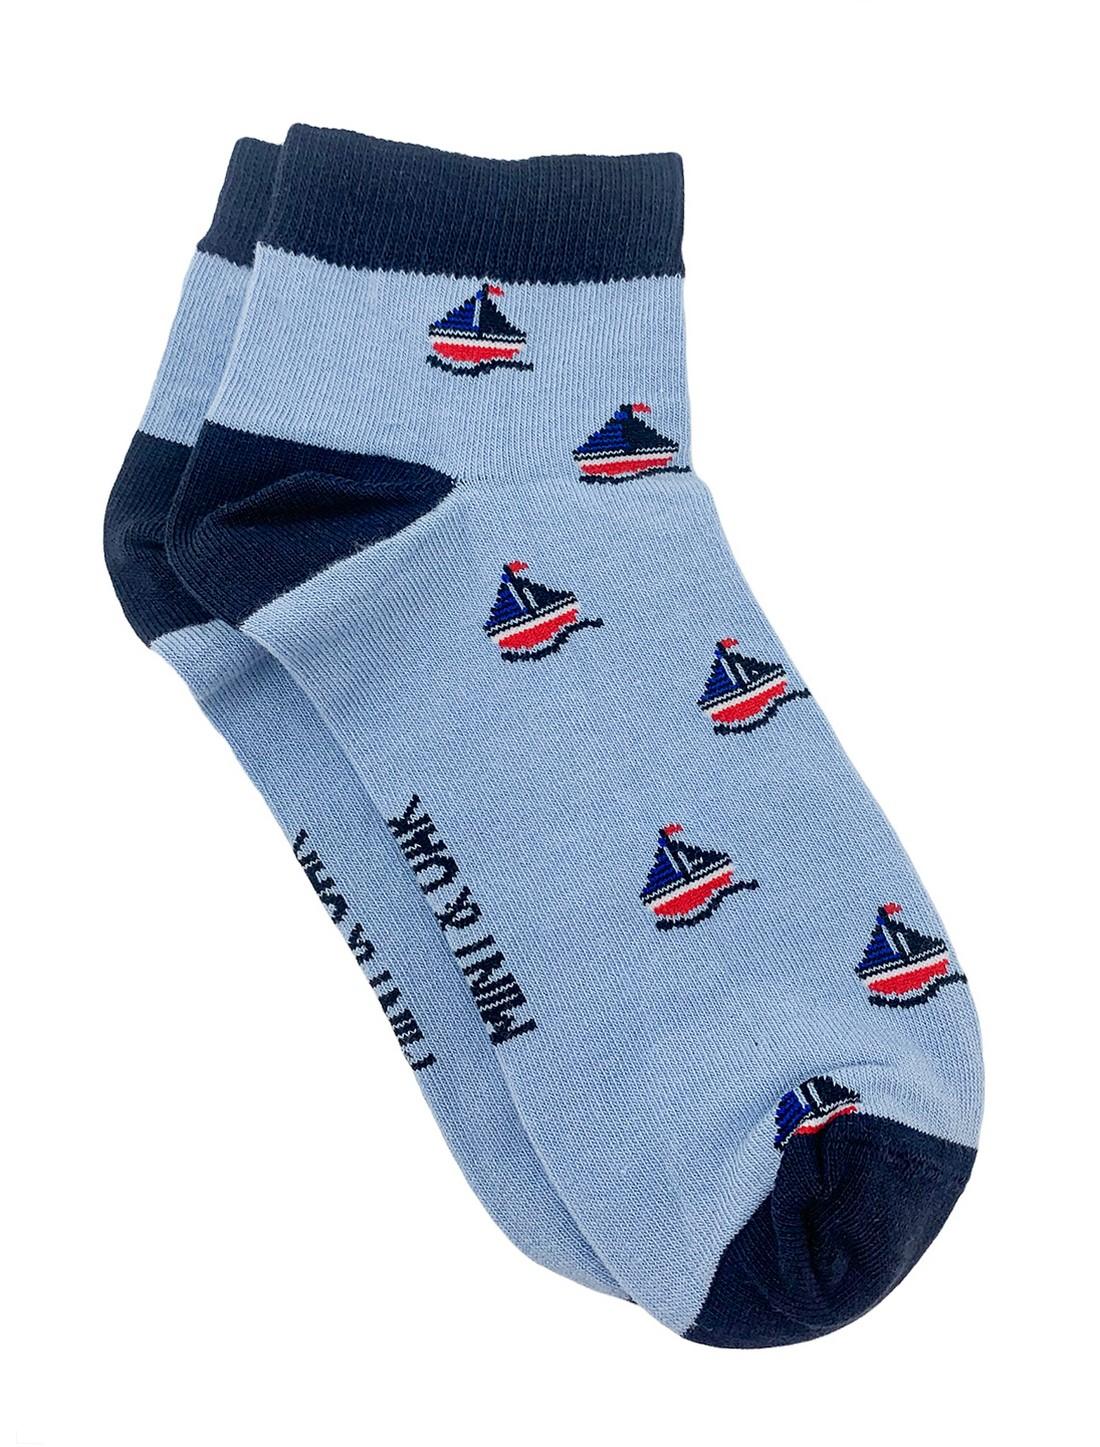 Mint & Oak | Mint & Oak Boat Ankle Length Socks for Men